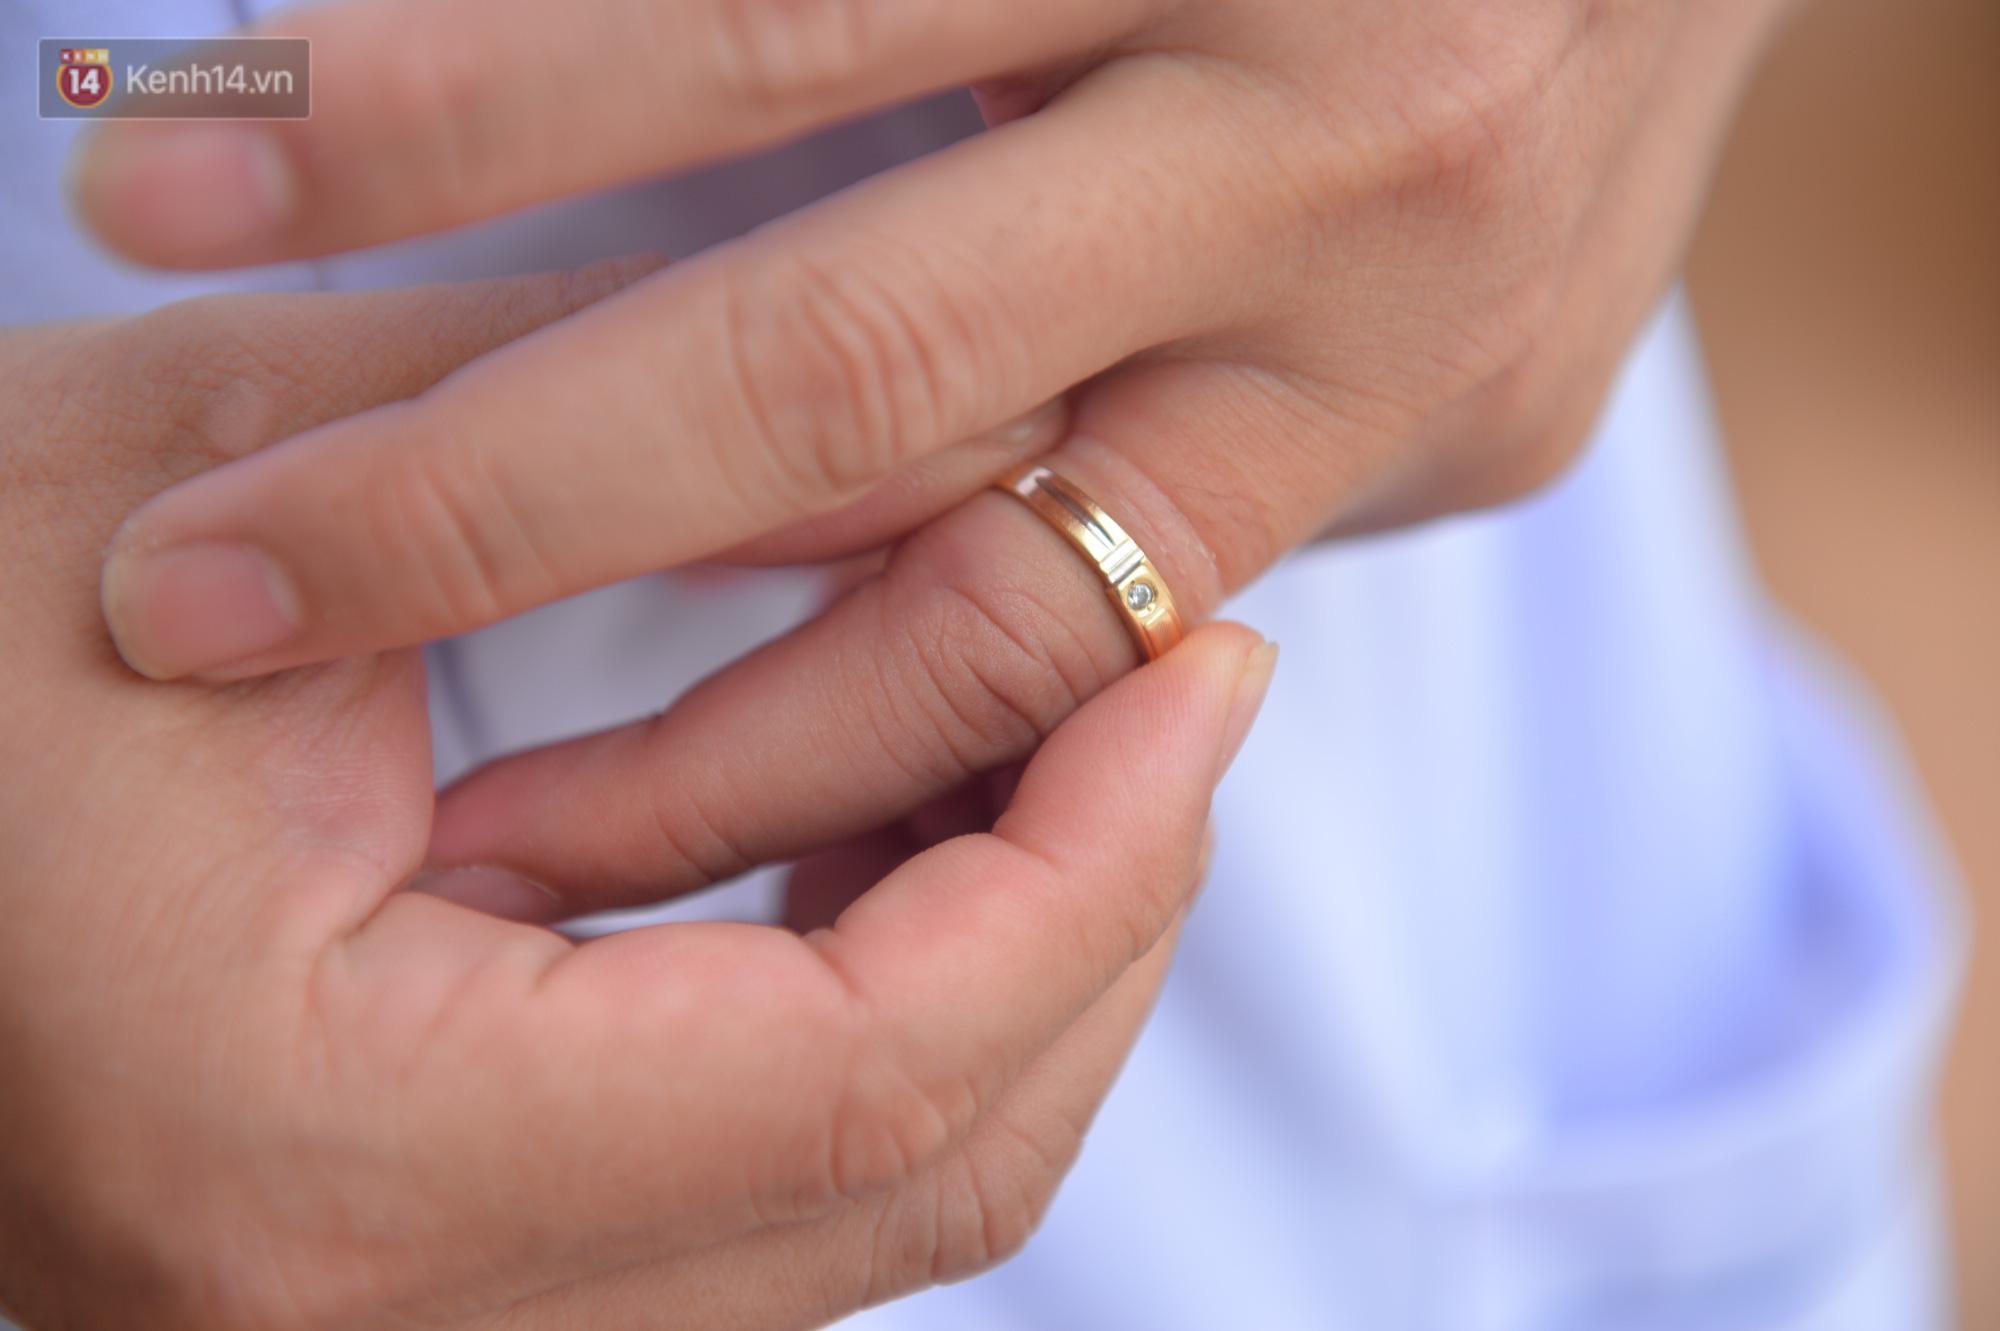 Các chiến sĩ nơi tâm dịch Vĩnh Phúc: Đi tắm, tháo nhẫn cưới ra mới nhớ sắp tới là kỷ niệm 10 năm ngày cưới - Ảnh 23.